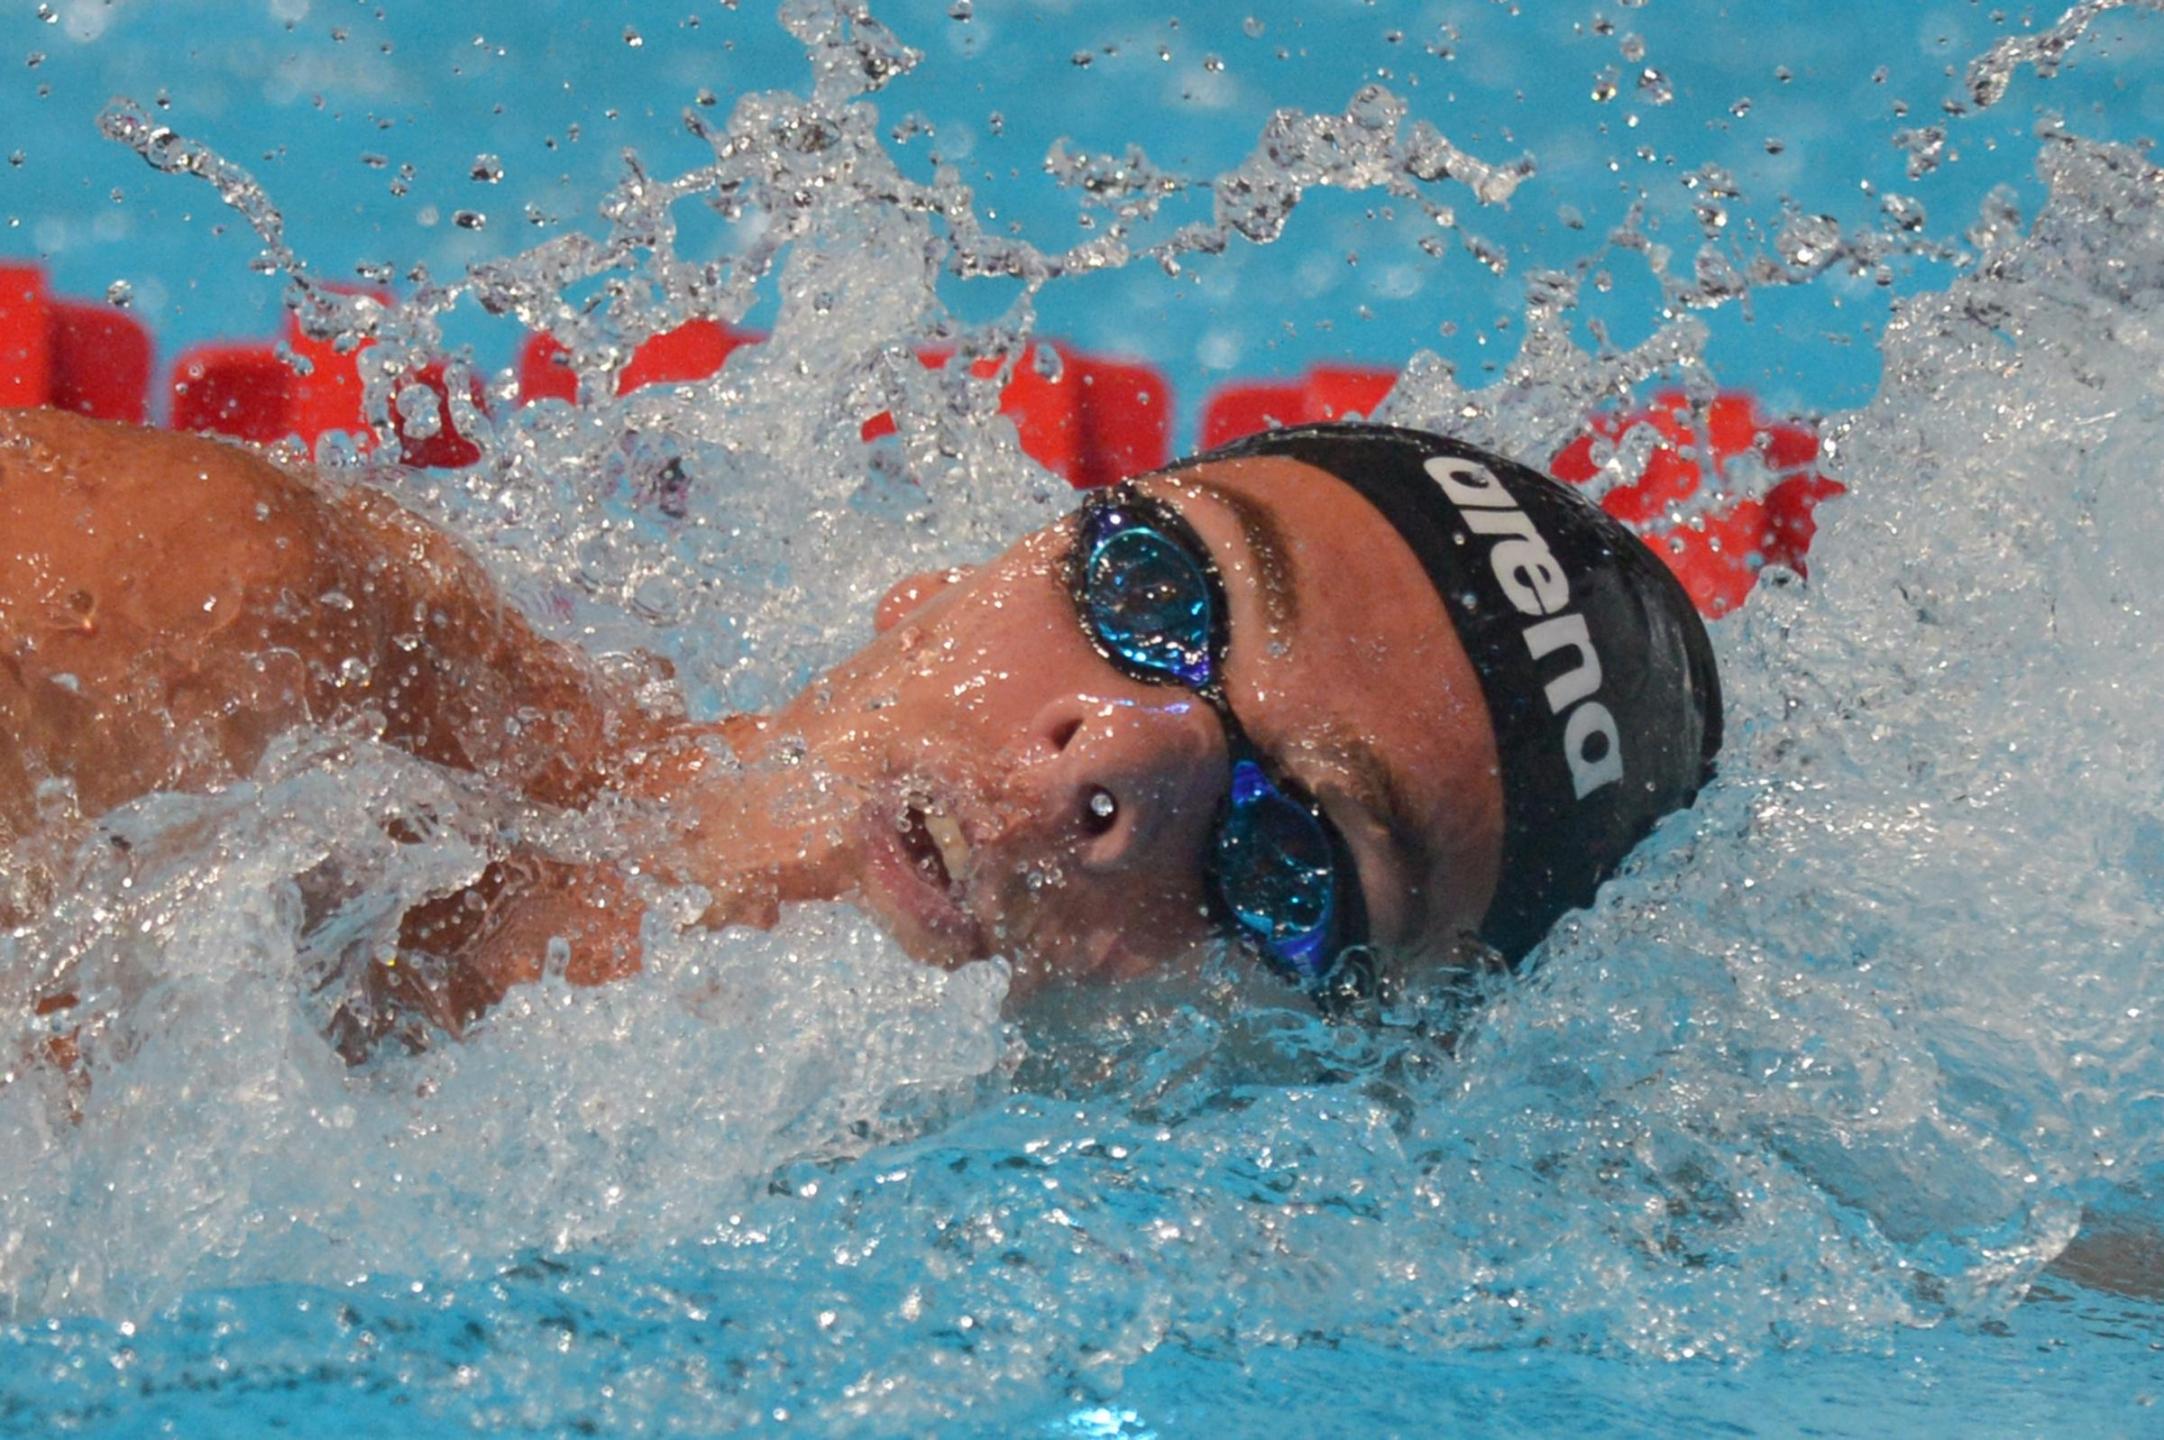 Nuoto, l'oro a Gabriele Detti e il bronzo a Gregorio Paltrinieri